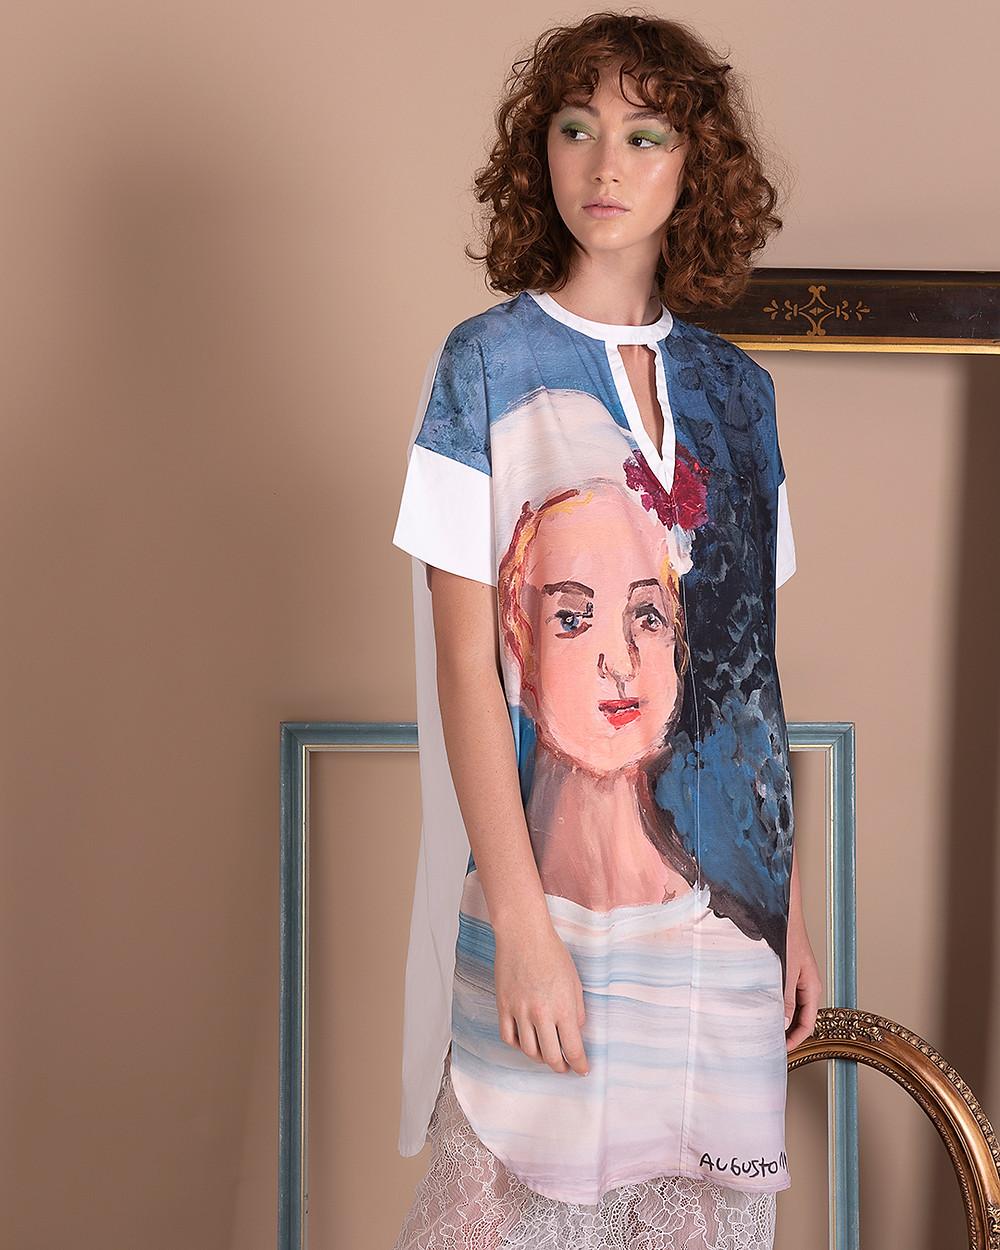 Camisa Sui Generis com intervenção artística do Augusto, membro da Associação Contato.